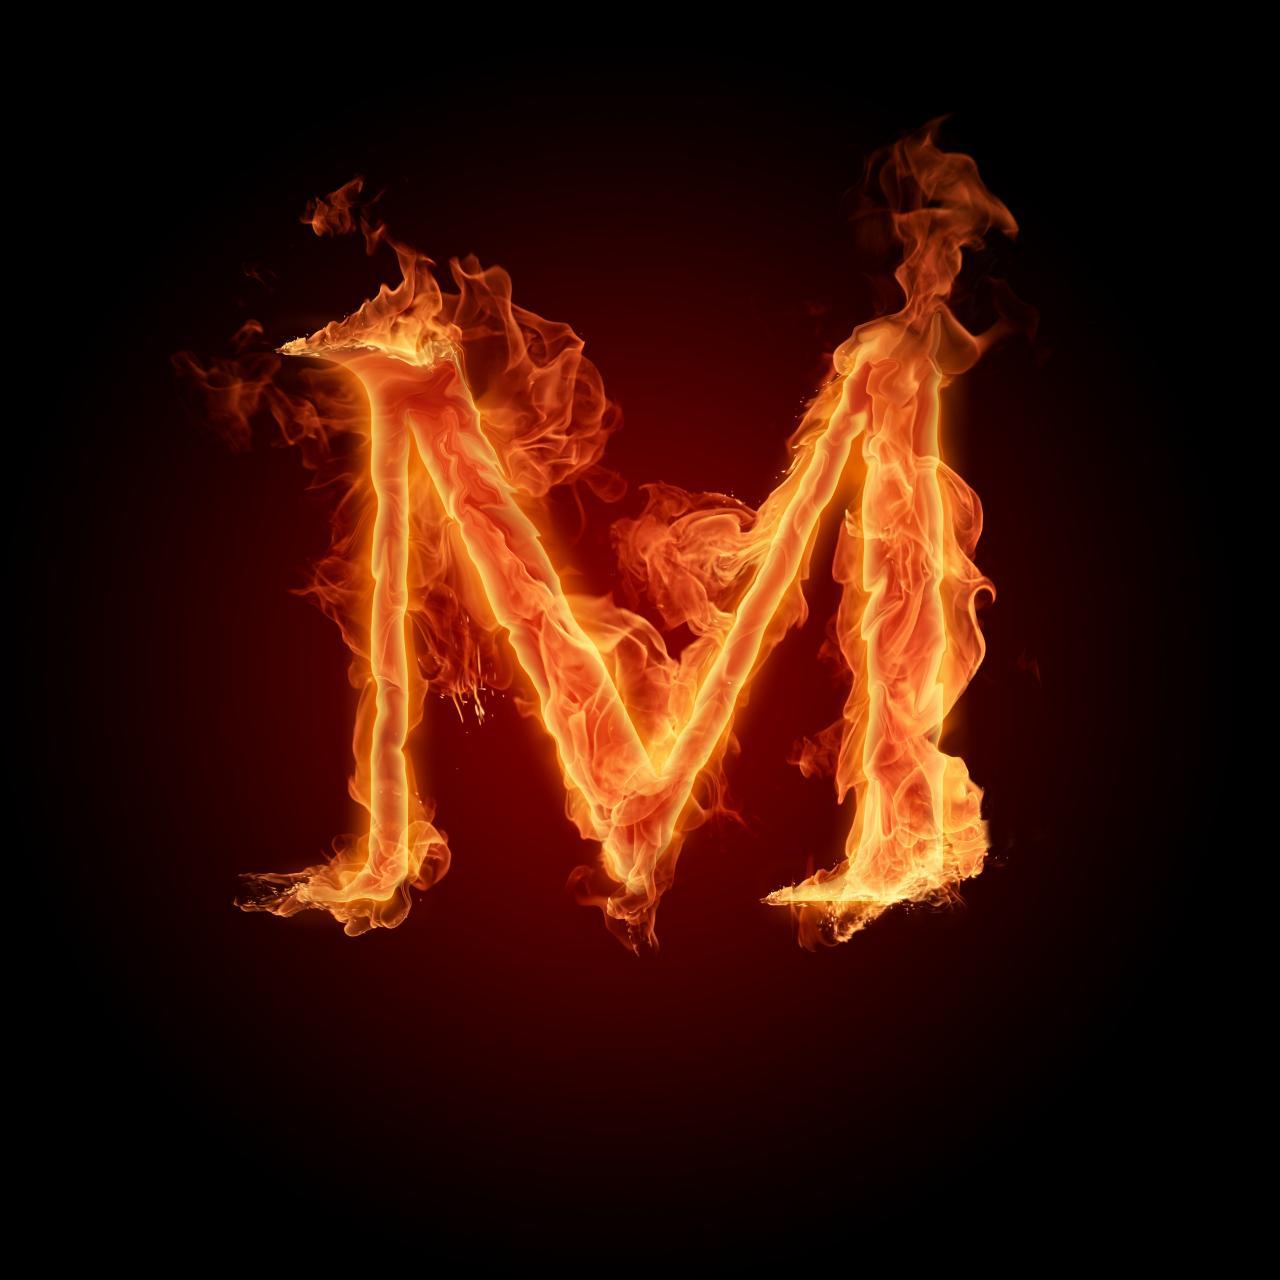 صورة خلفيات لحرف m , صور حرف m رائعة